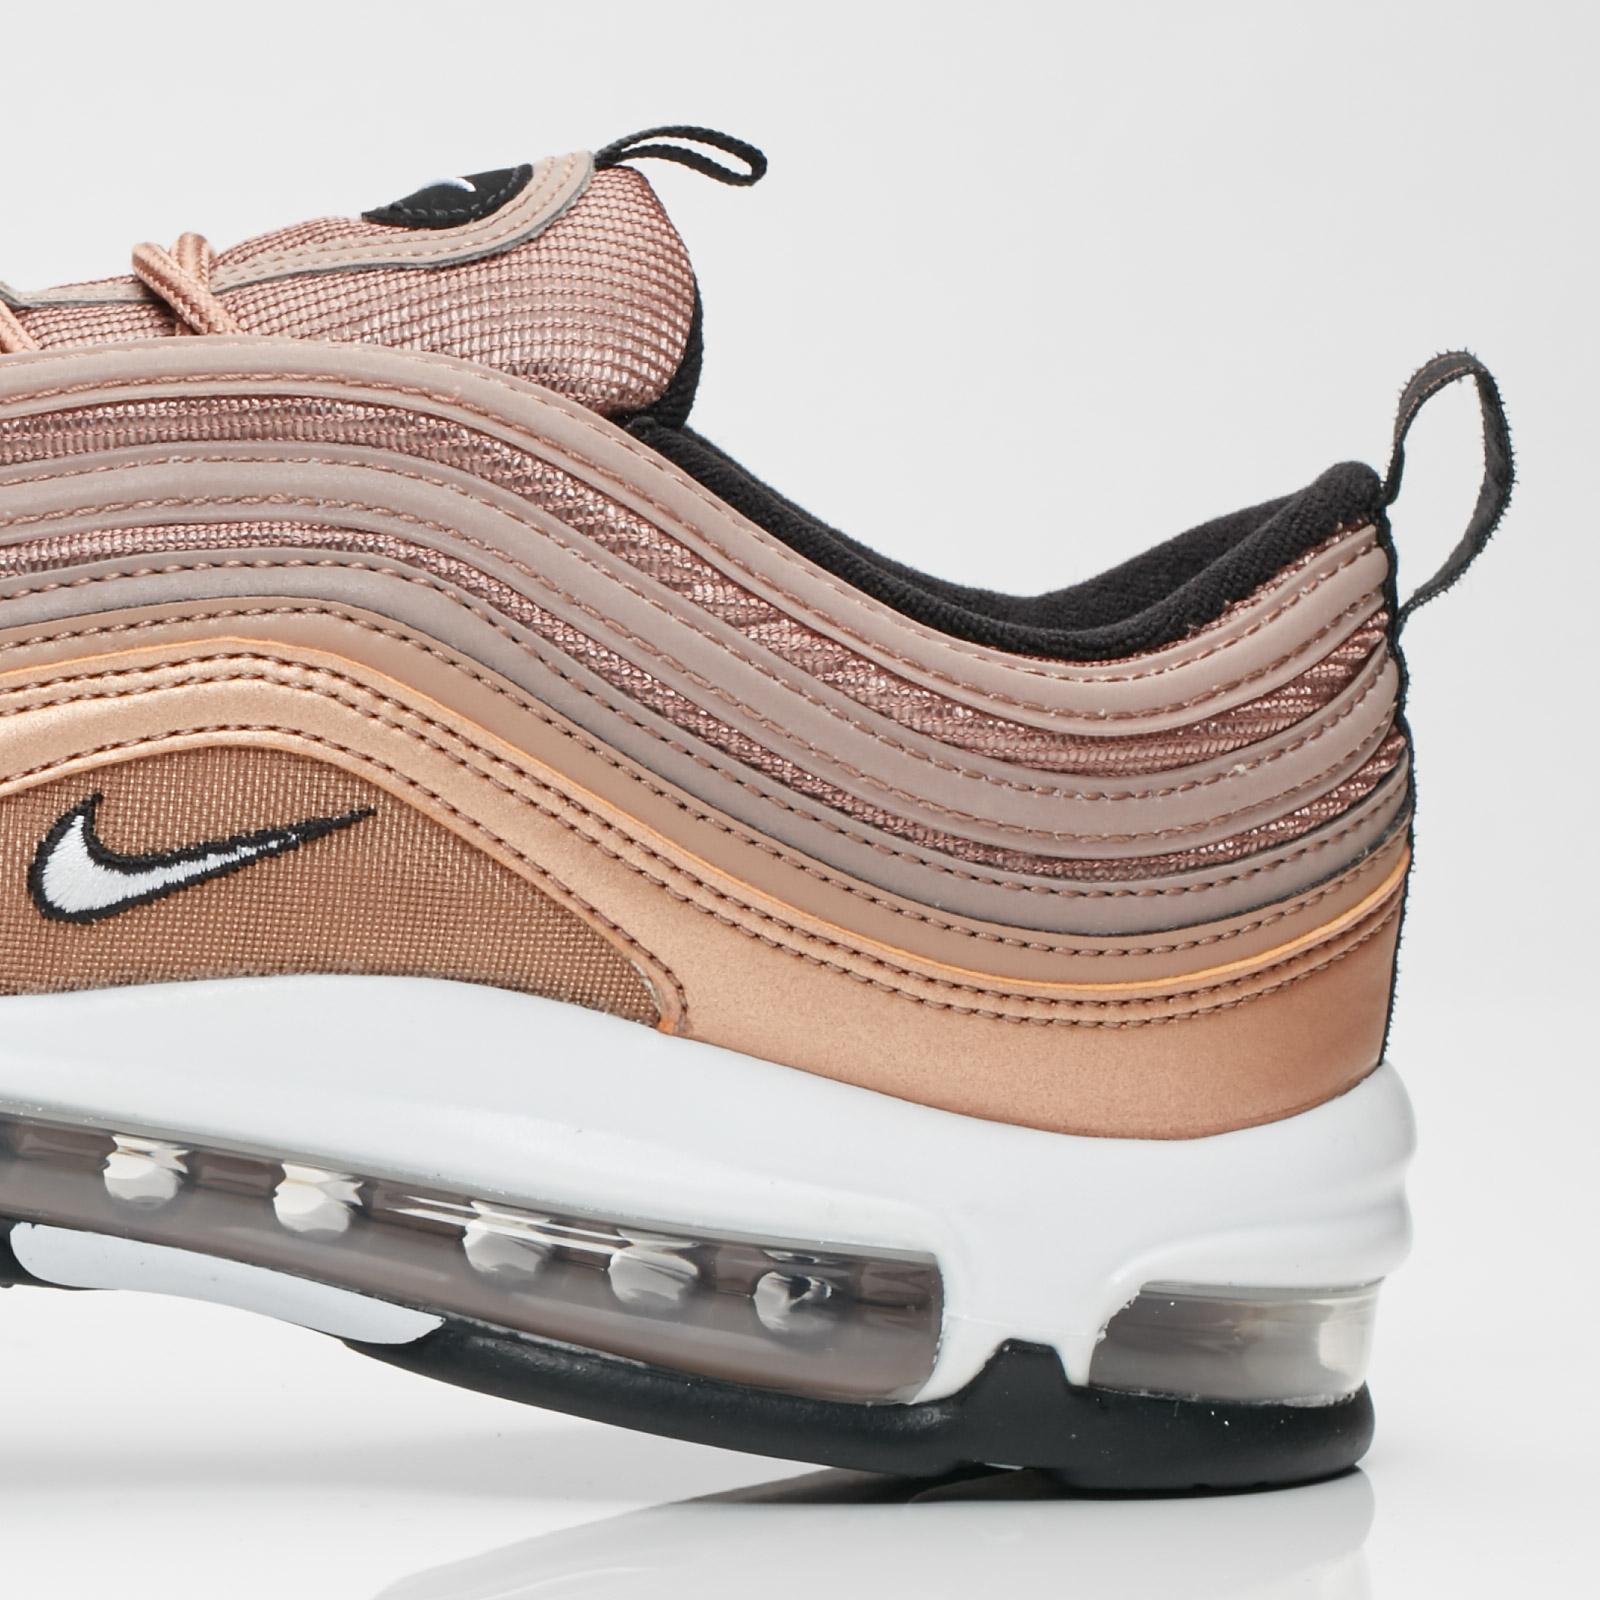 newest e8d4d ec658 ... Nike Sportswear Air Max 97